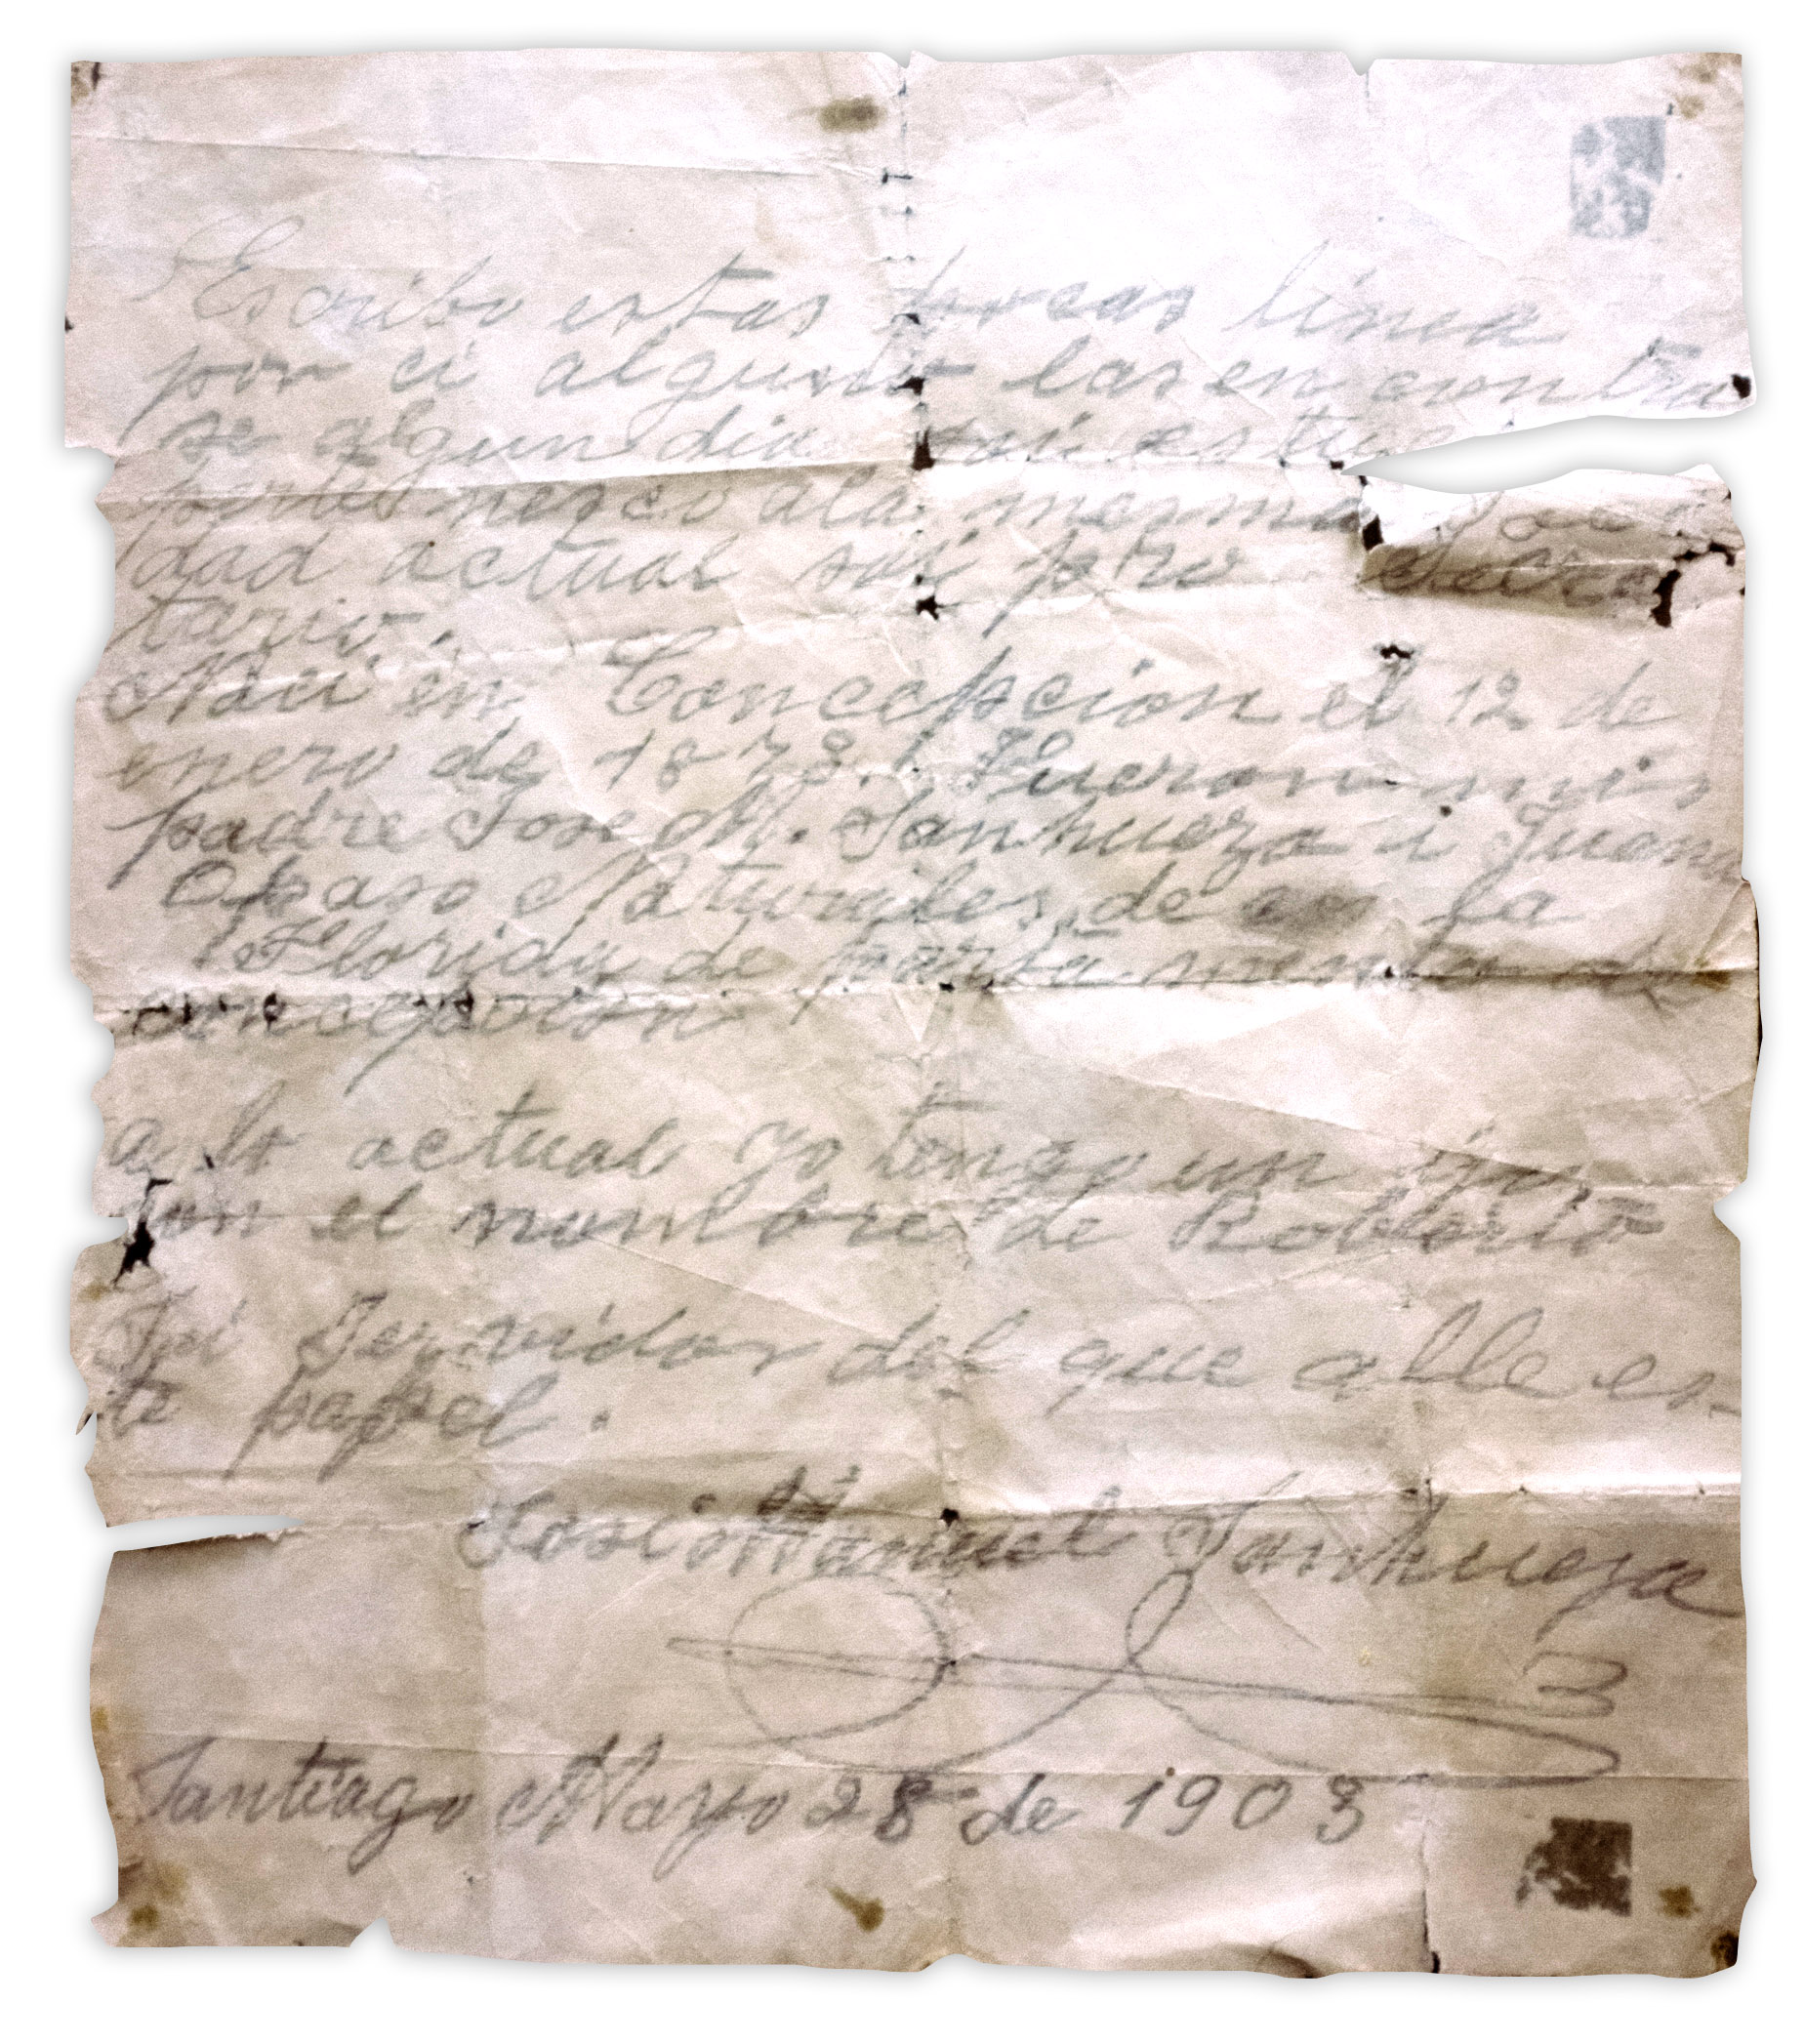 carta-historica-casa-central-utem